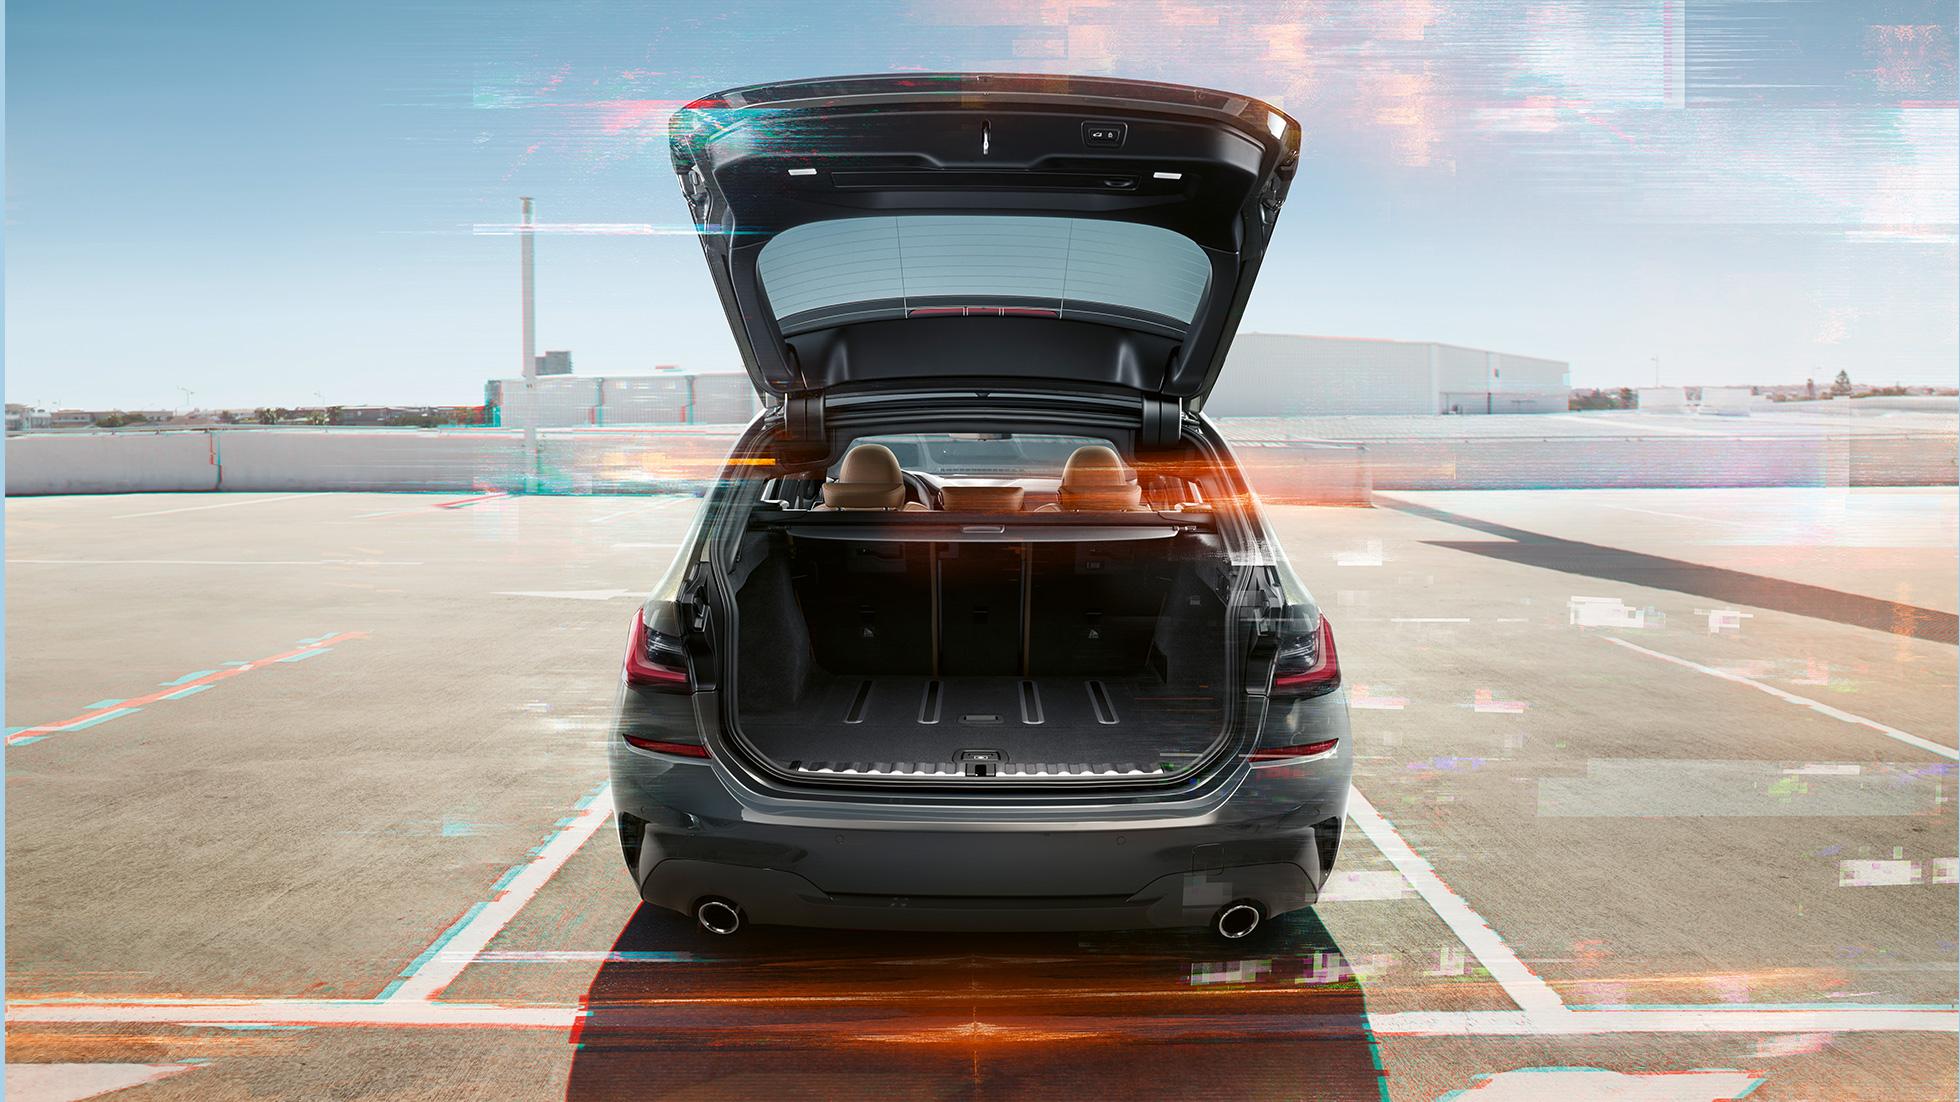 BMW Série 3 Touring, prise de vue de la poupe avec hayon ouvert sur une place de stationnement dans un environnement urbain